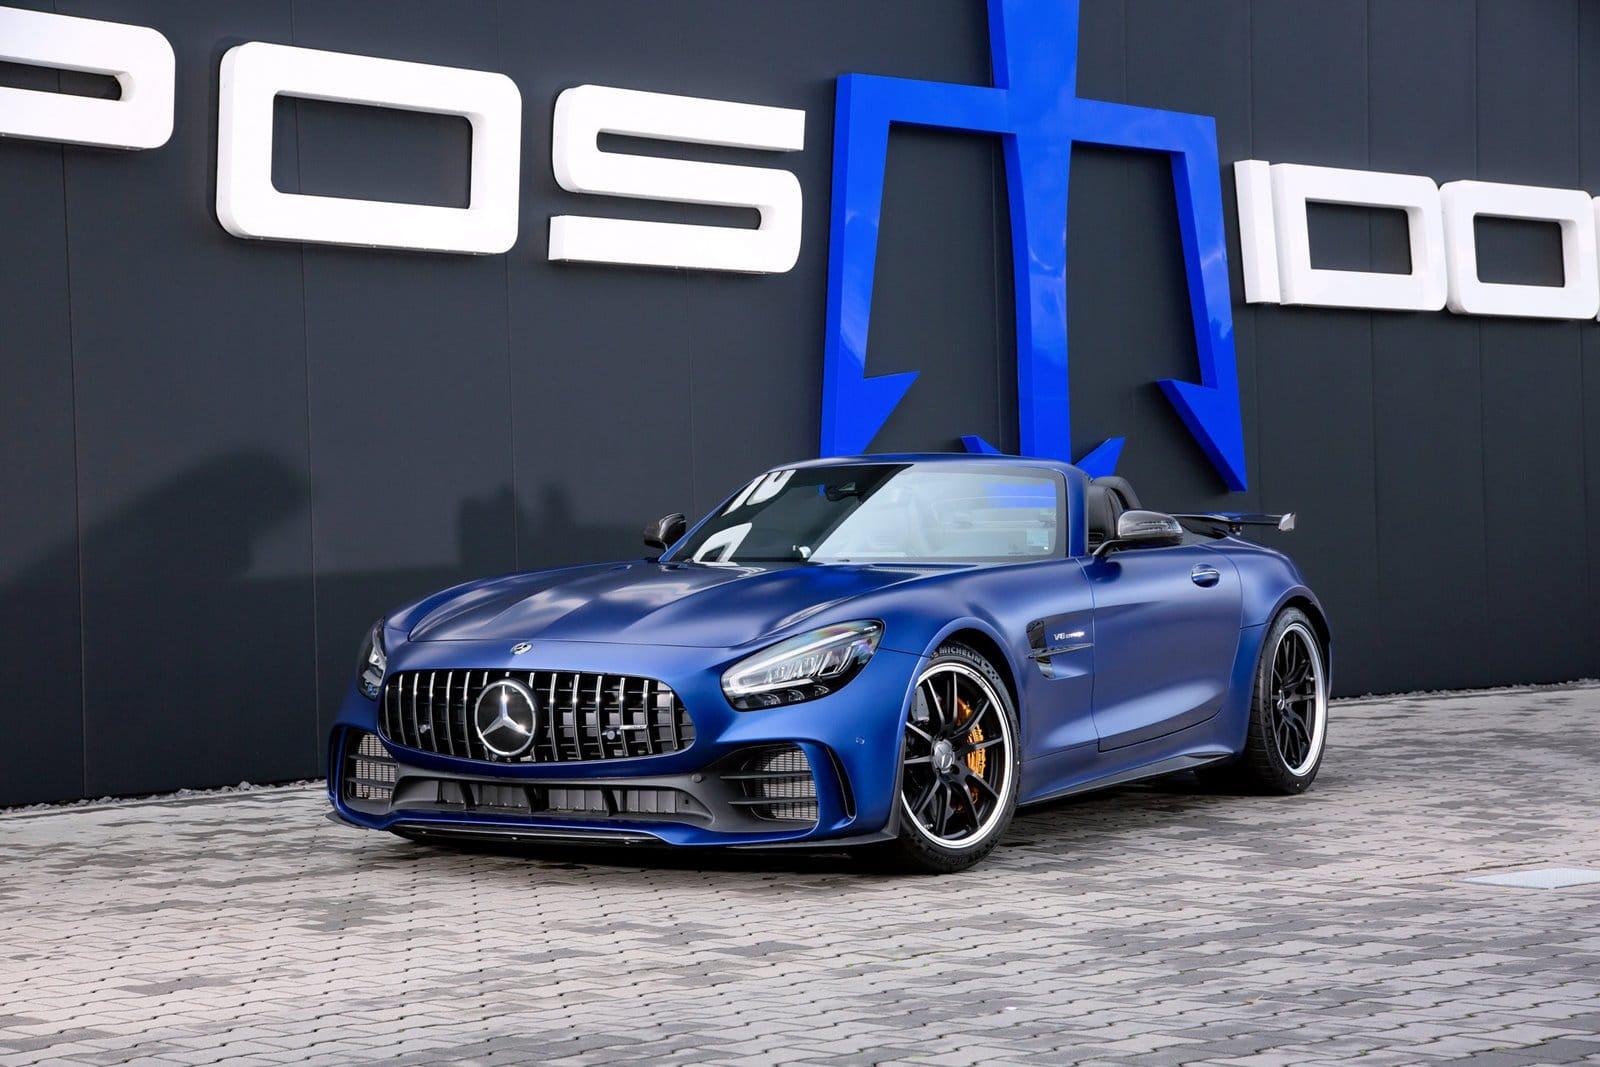 Con más de 300 CV extra, el Mercedes-AMG GT R Roadster de Posaidon se ríe de los Black Series